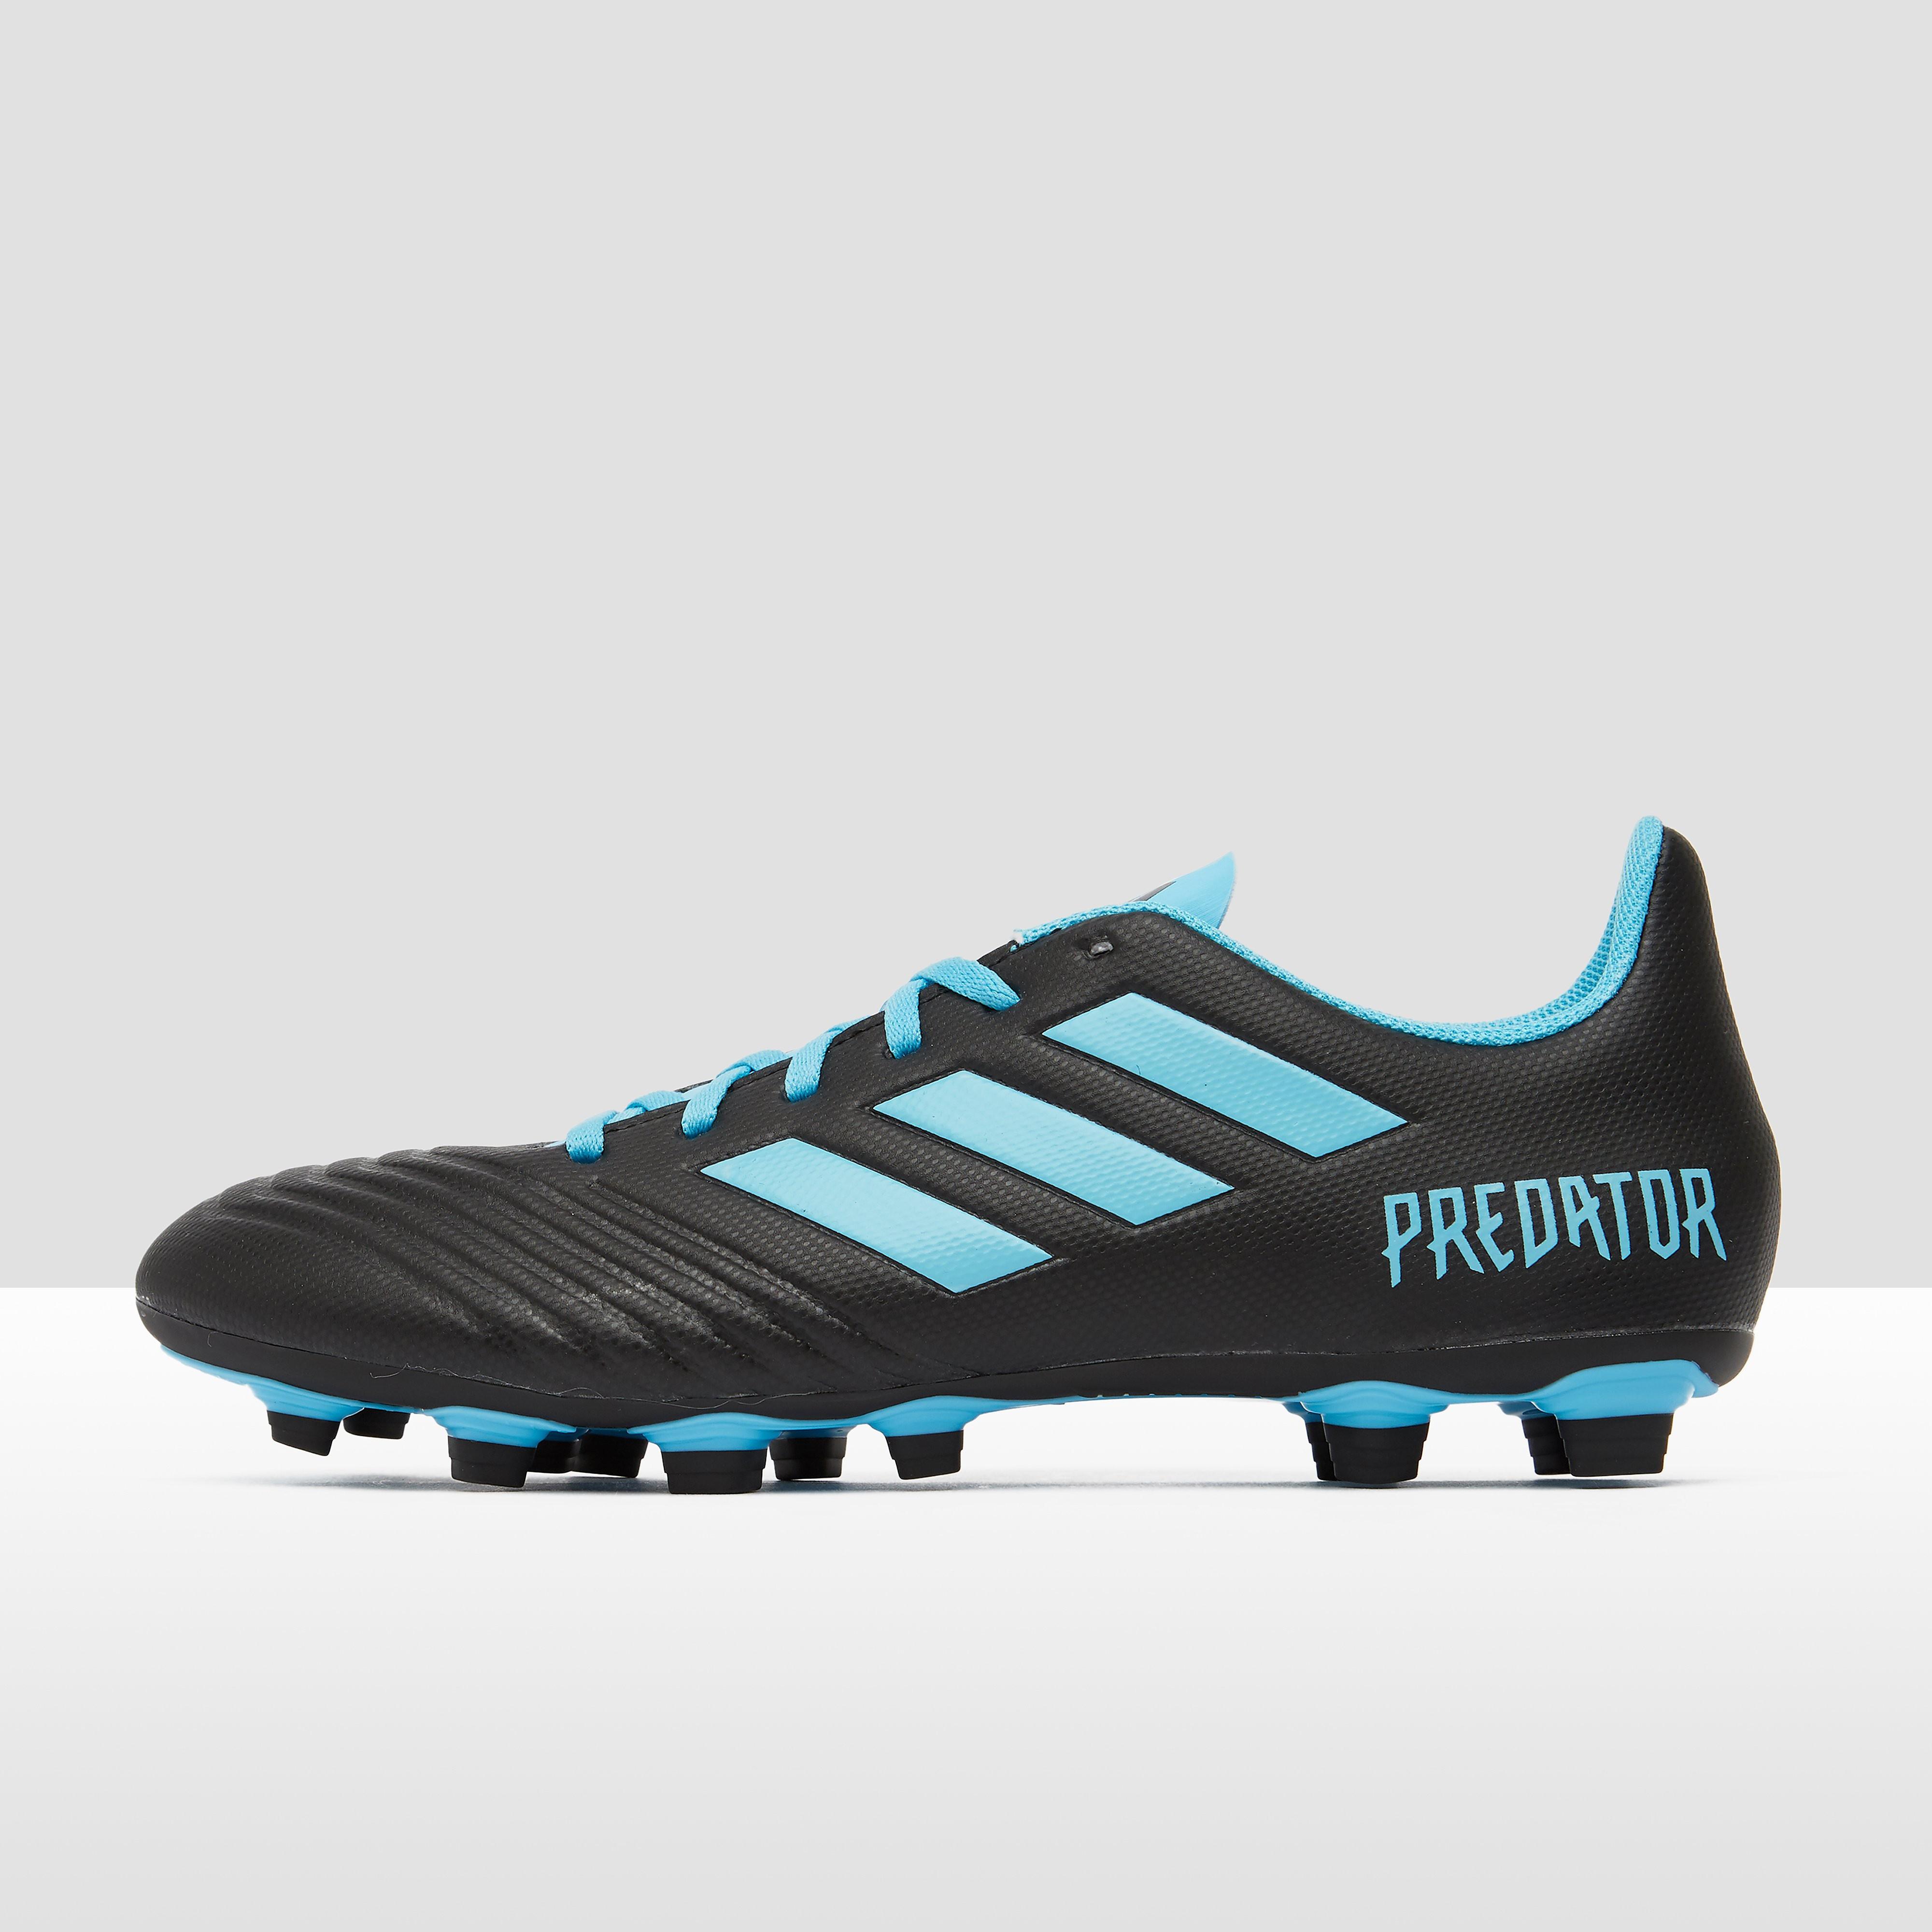 adidas Predator 19.4 fxg voetbalschoenen zwart/blauw Dames